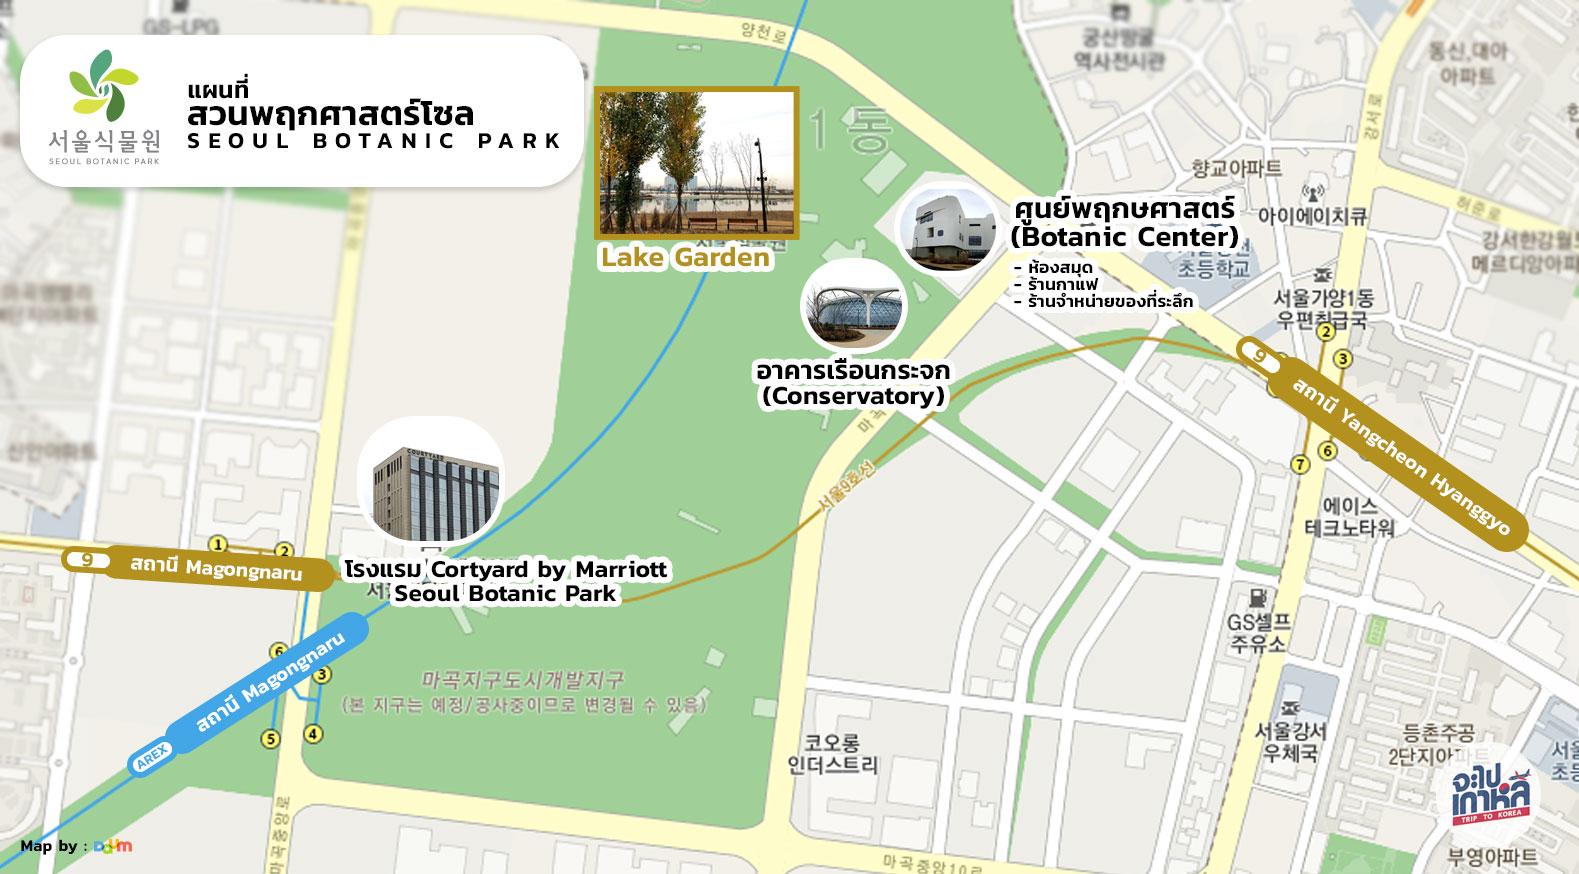 สวนพฤกษศาสตร์โซล Seoul Botanic Park